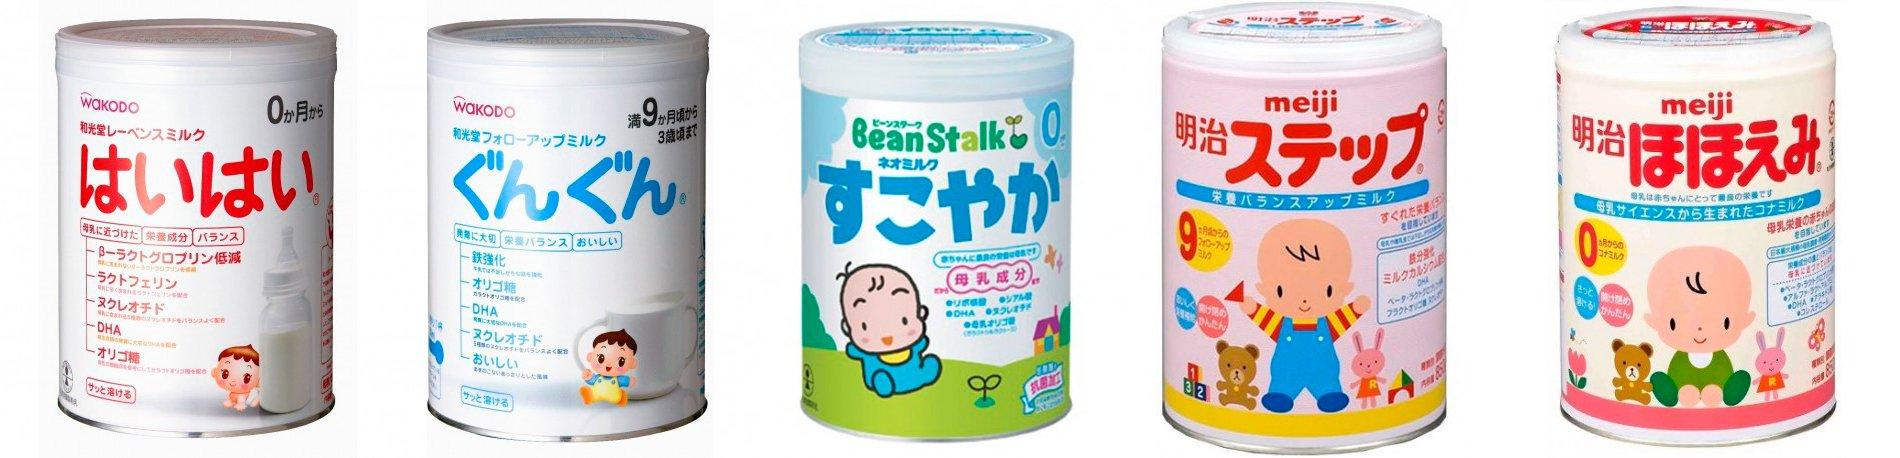 В Японии растет популярность порошкового молока среди взрослого населения